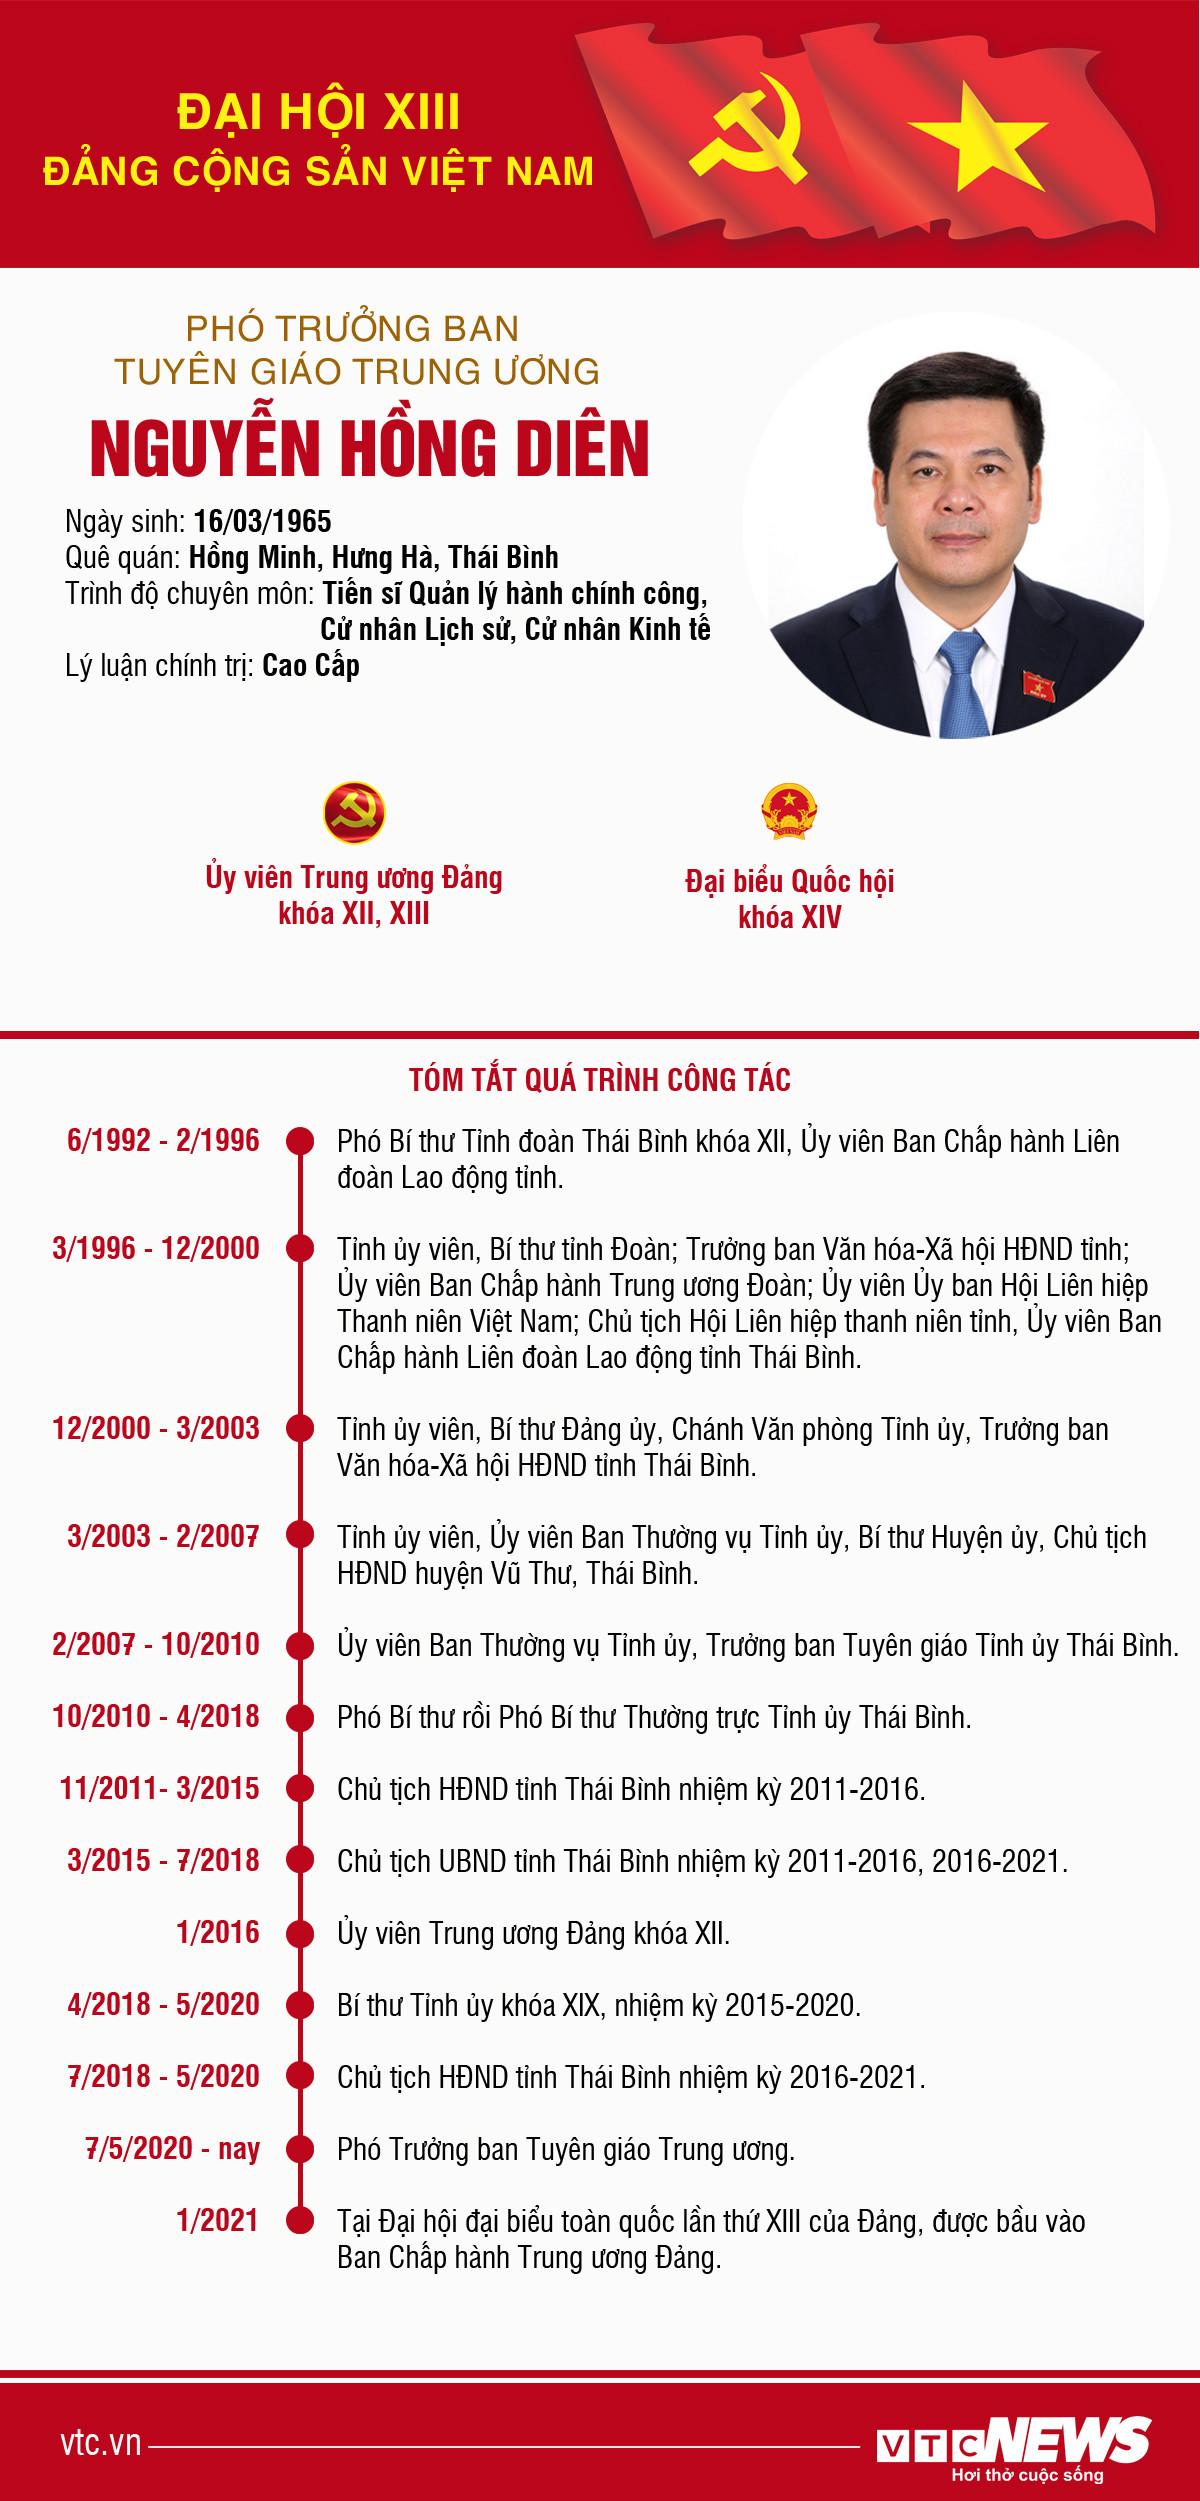 Infographic: Sự nghiệp Phó Trưởng Ban Tuyên giáo Trung ương Nguyễn Hồng Diên - 1